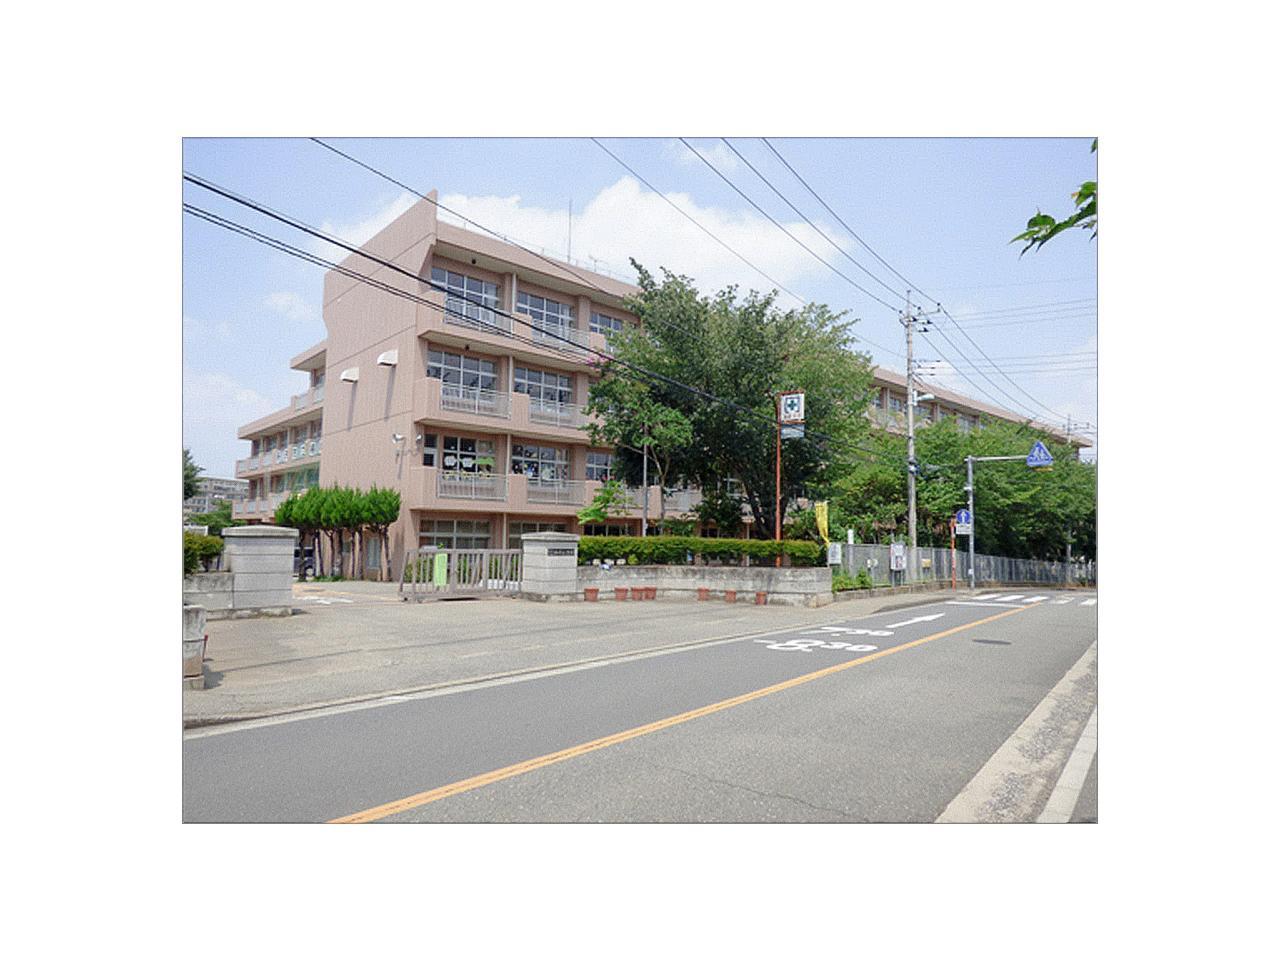 所沢市立椿峰小学校